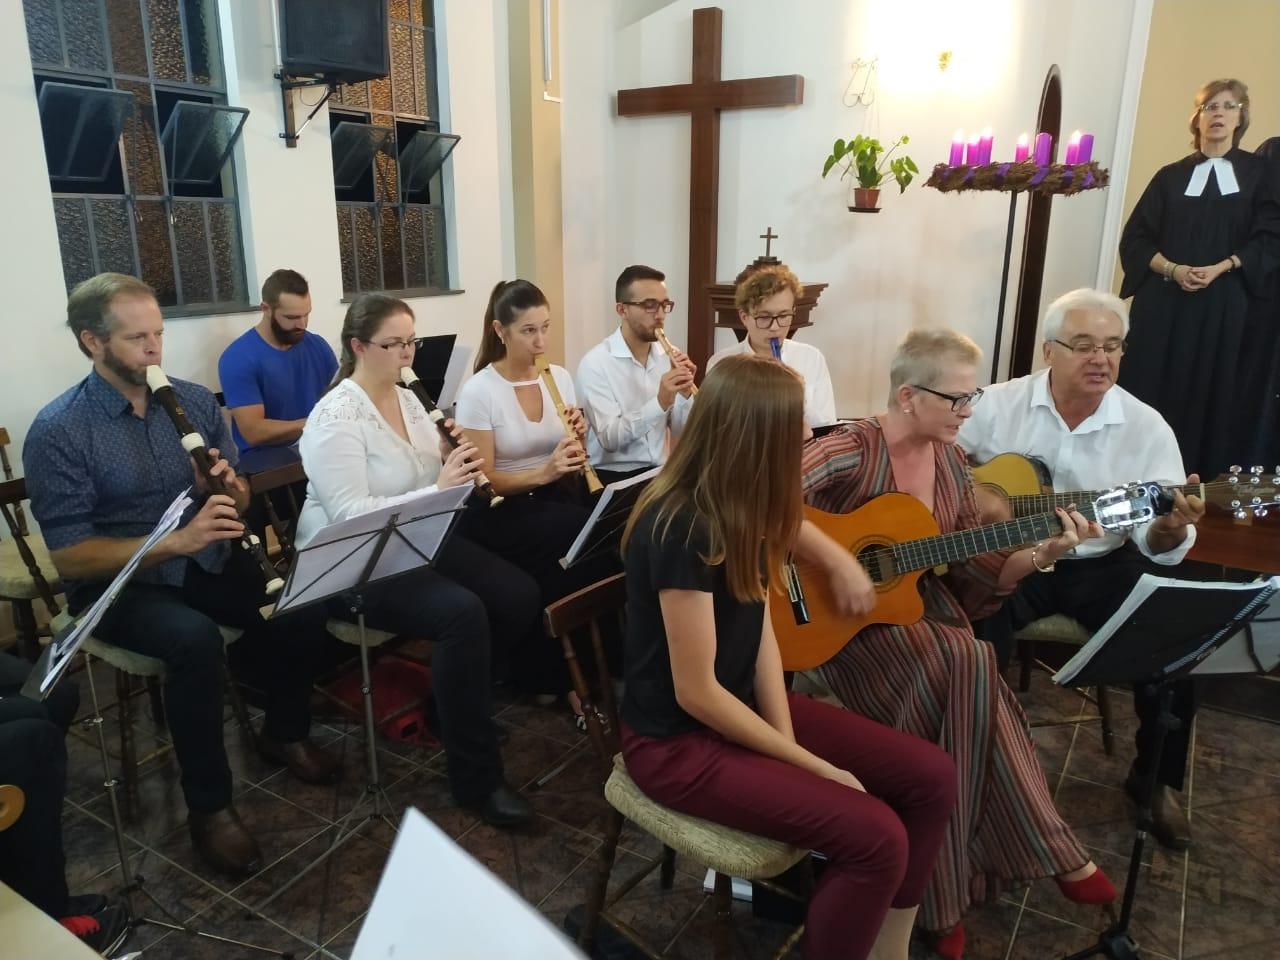 Grupo de Flautas e alunos de flautas na Igreja Luterana - 09/03/2020